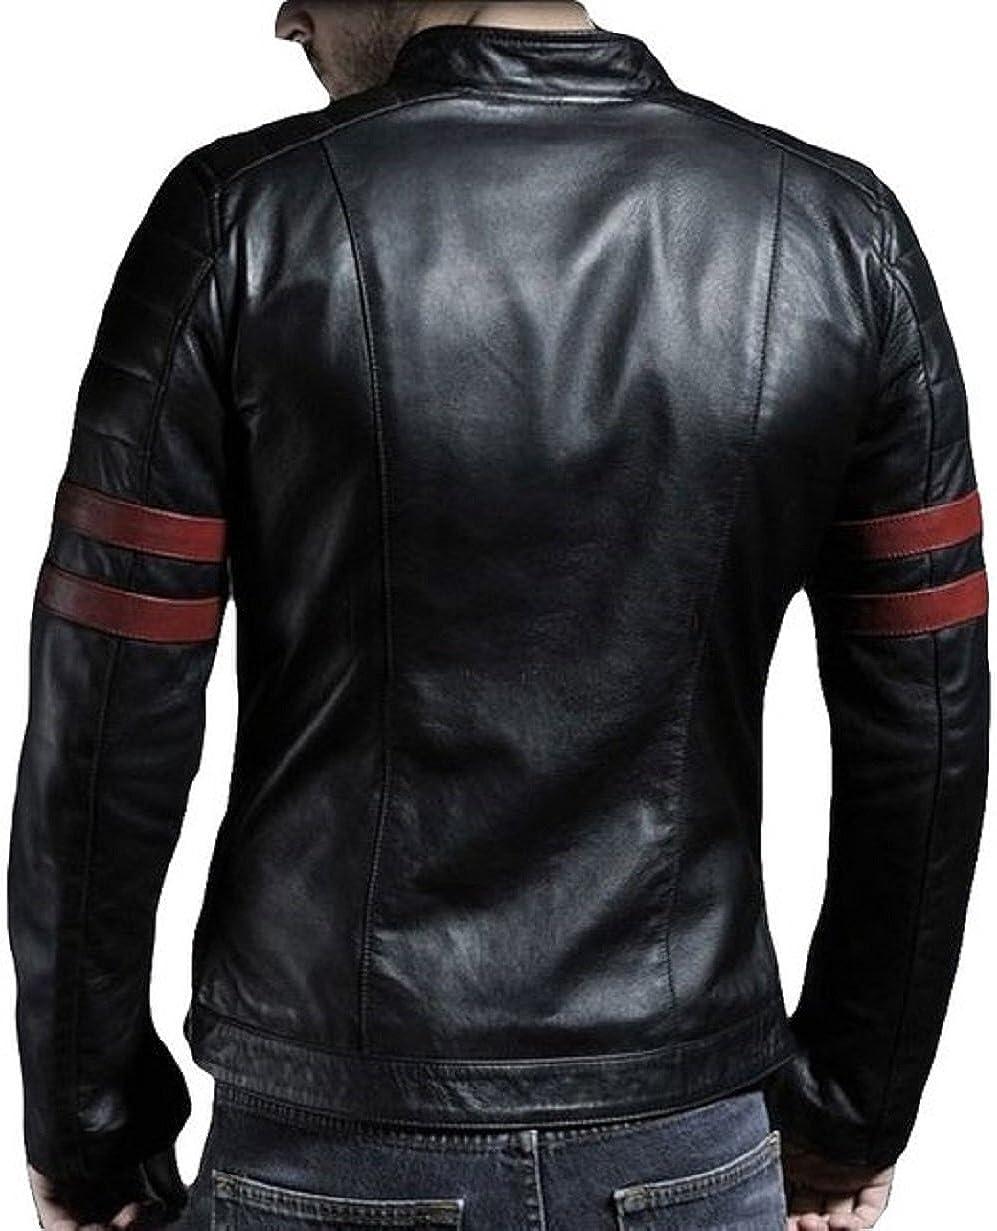 NBENTERPRISES Mens Slim Fit Leather Strip Bomber Black Jacket